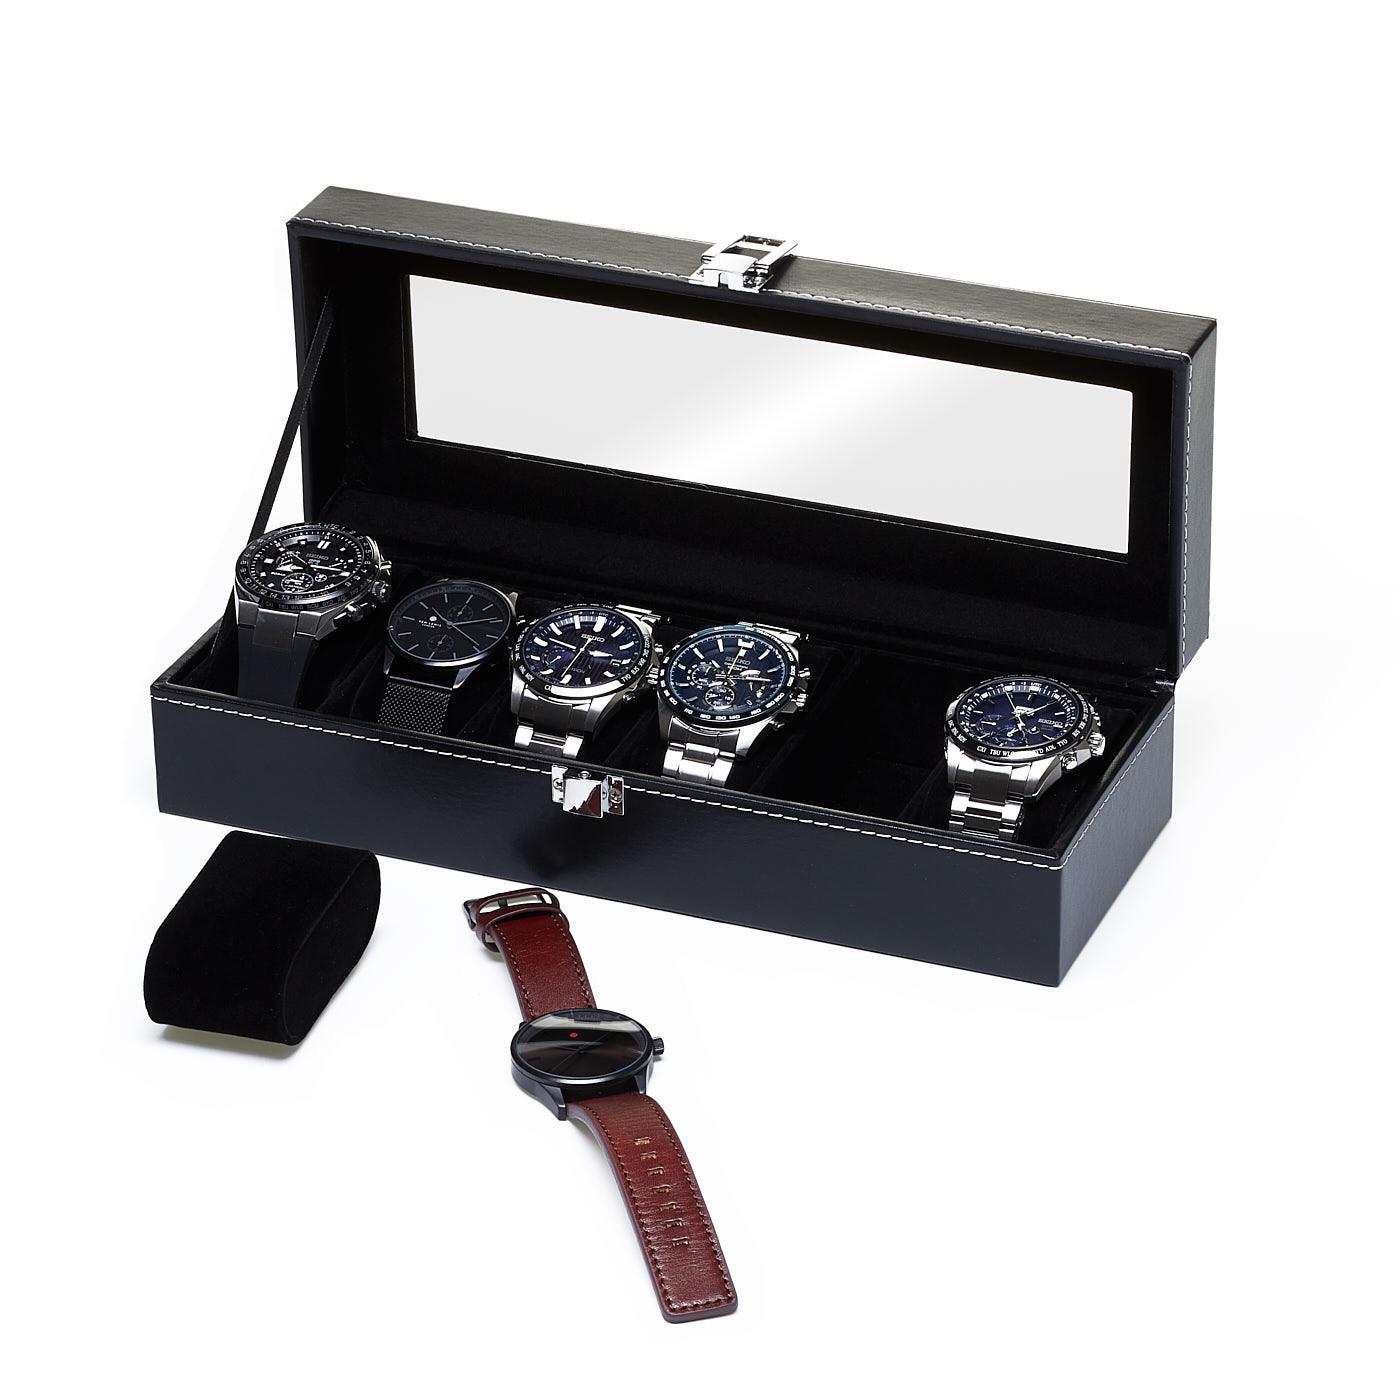 Horlogebox Zwart, geschikt voor 6 horloges.